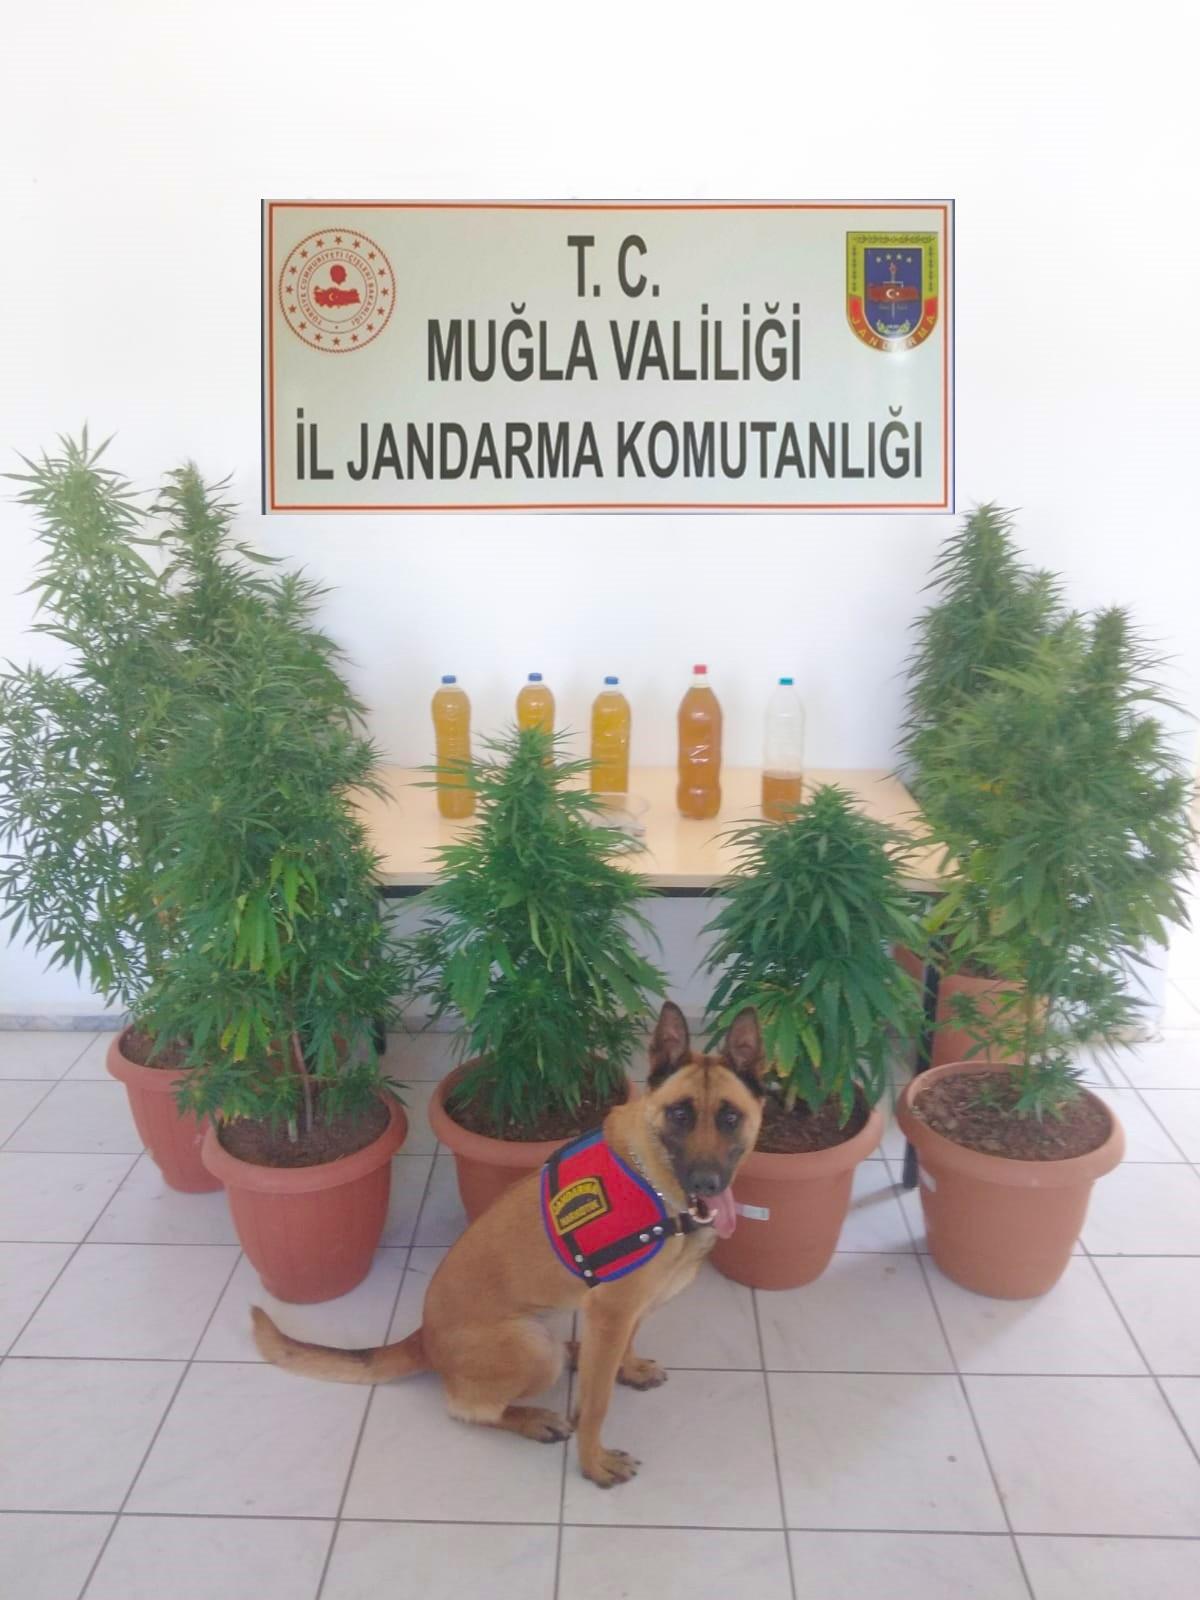 Seydikemer'de uyuşturucu operasyonu